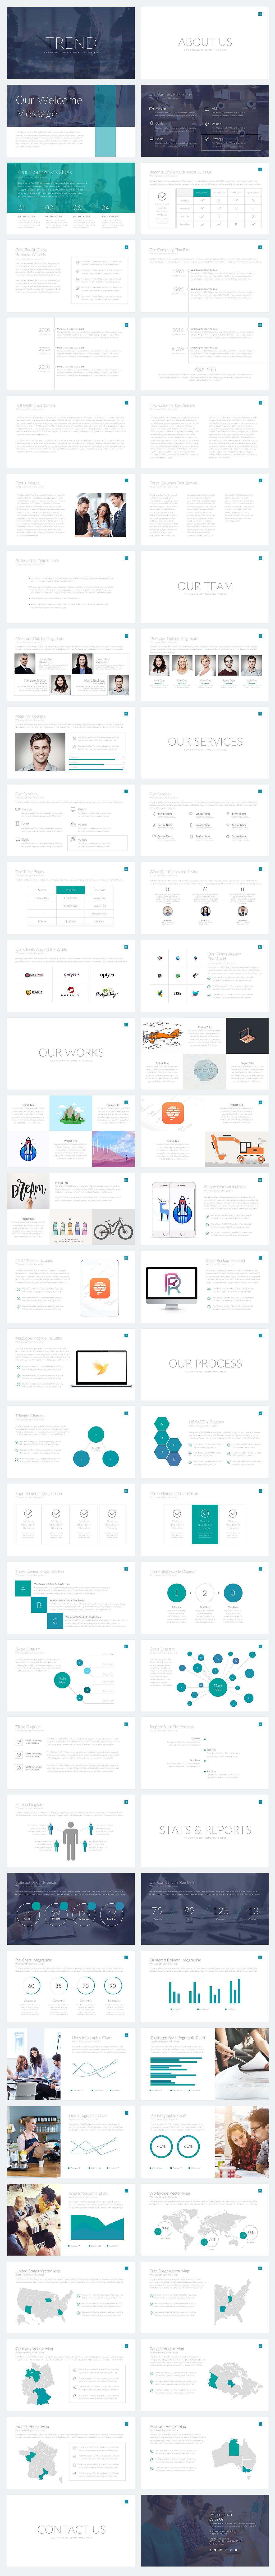 Erfreut Freies Firmenprofil Word Vorlage Bilder - Bilder für das ...